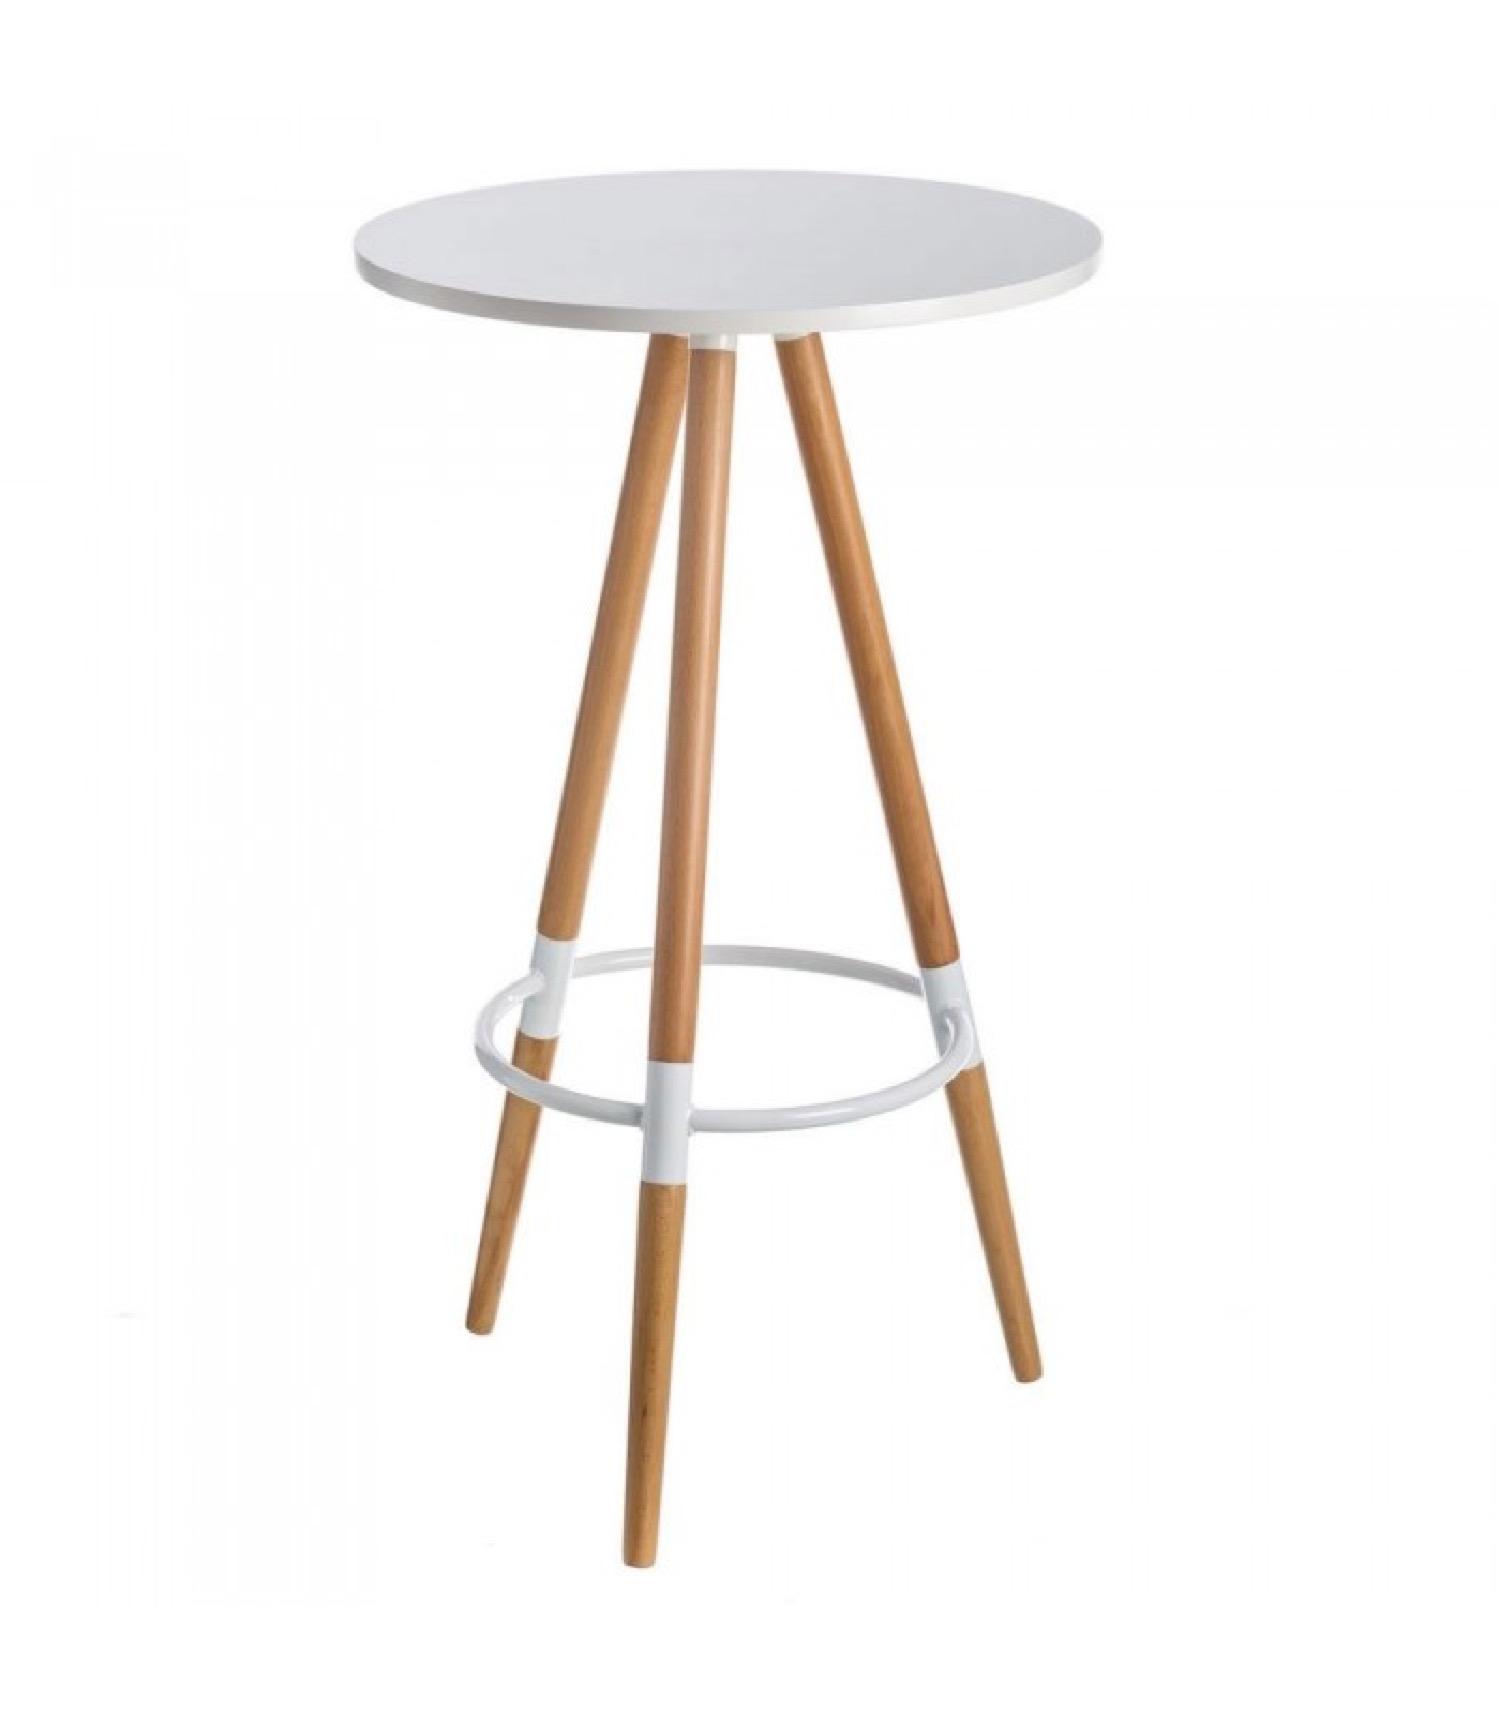 Table haute de bar ronde bois et métal blanc